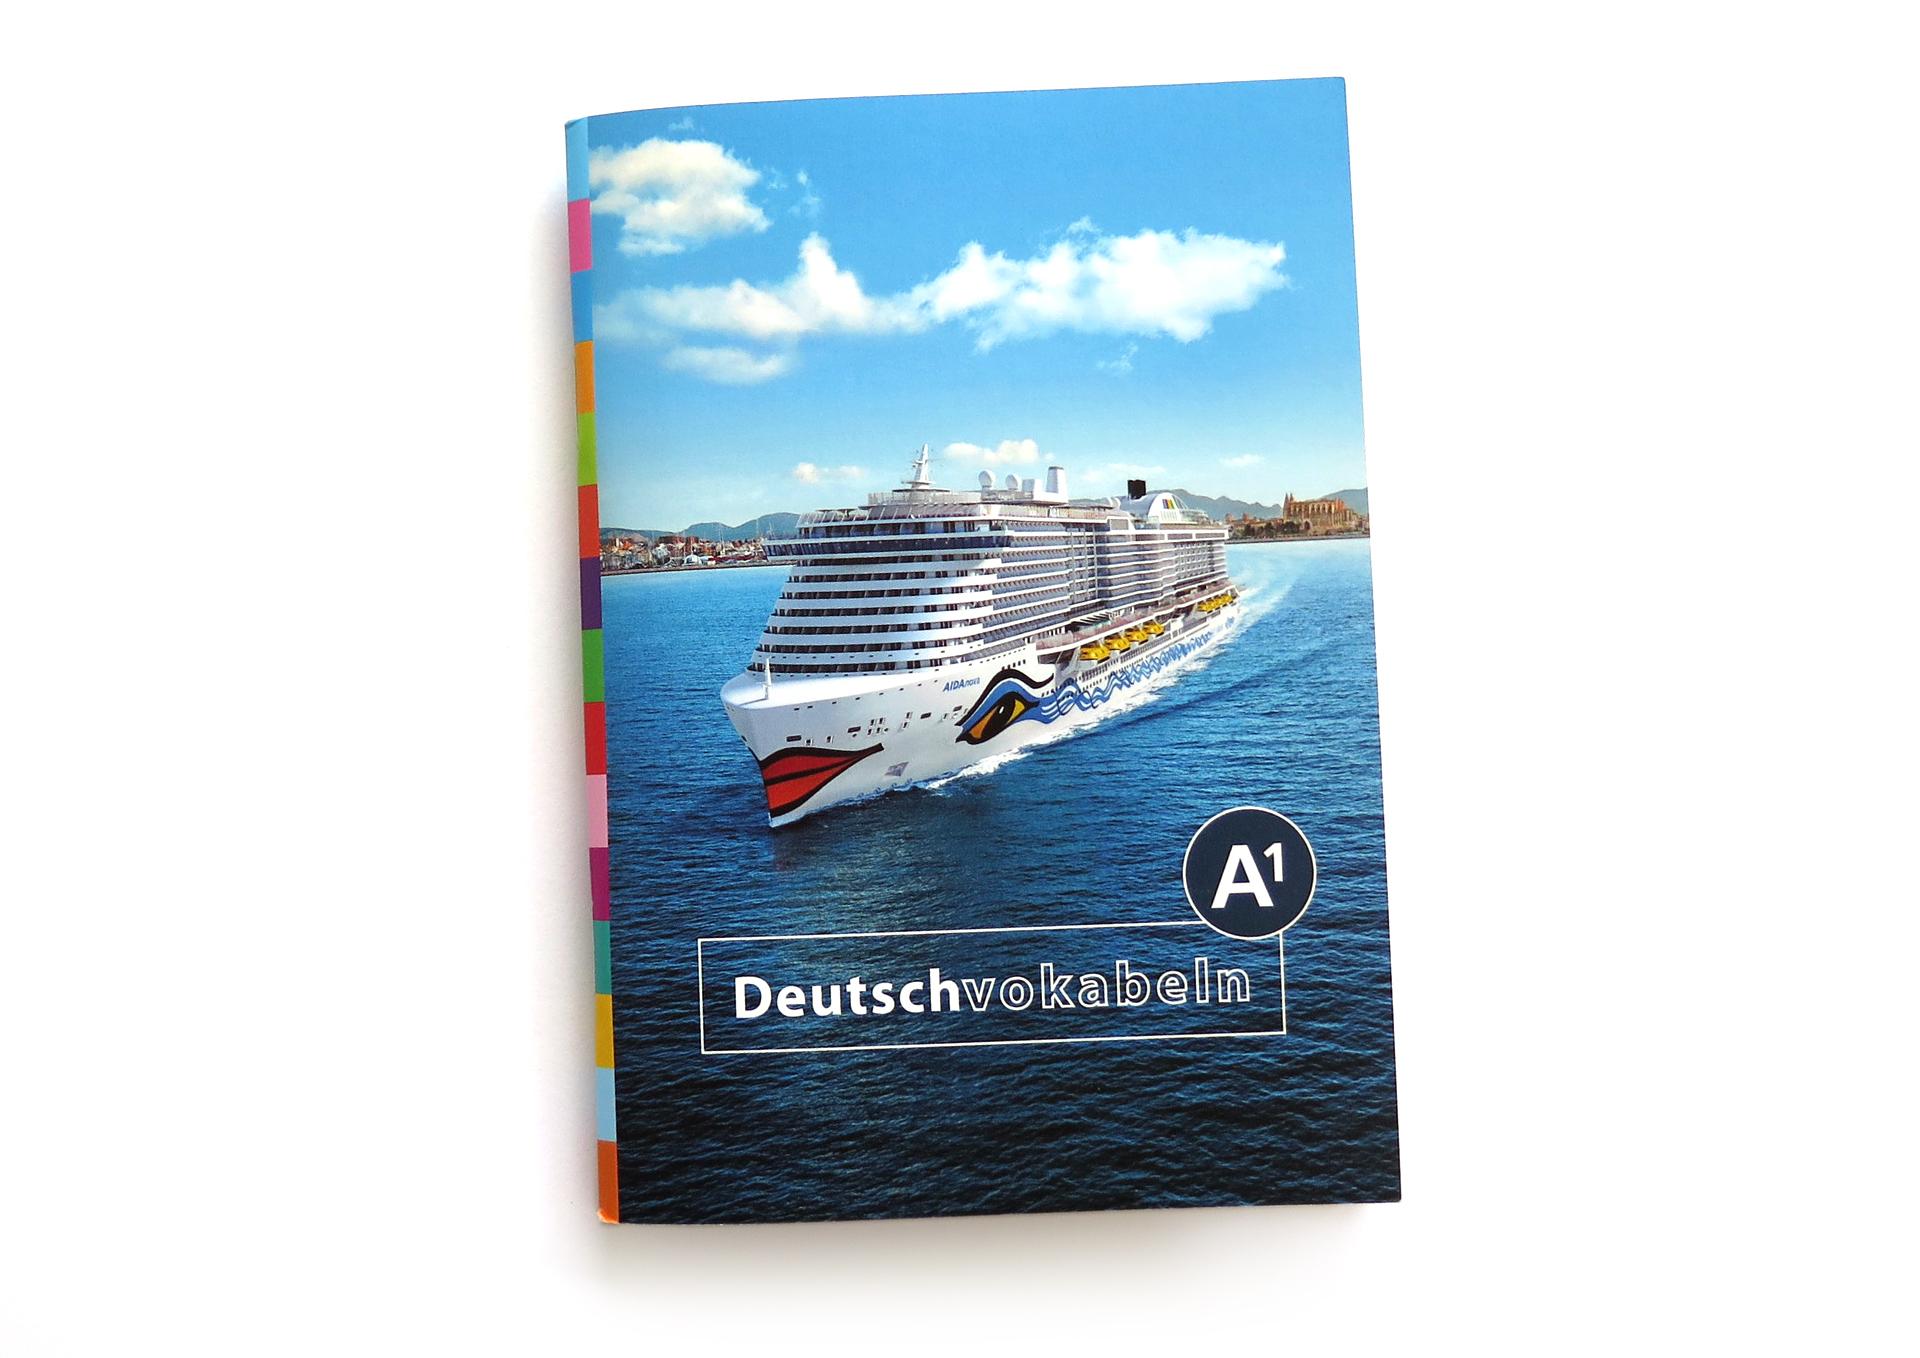 Illustrationen und Gestaltung für das Lehrbuch Deutschvokabeln für inlingua Rostock und AIDA